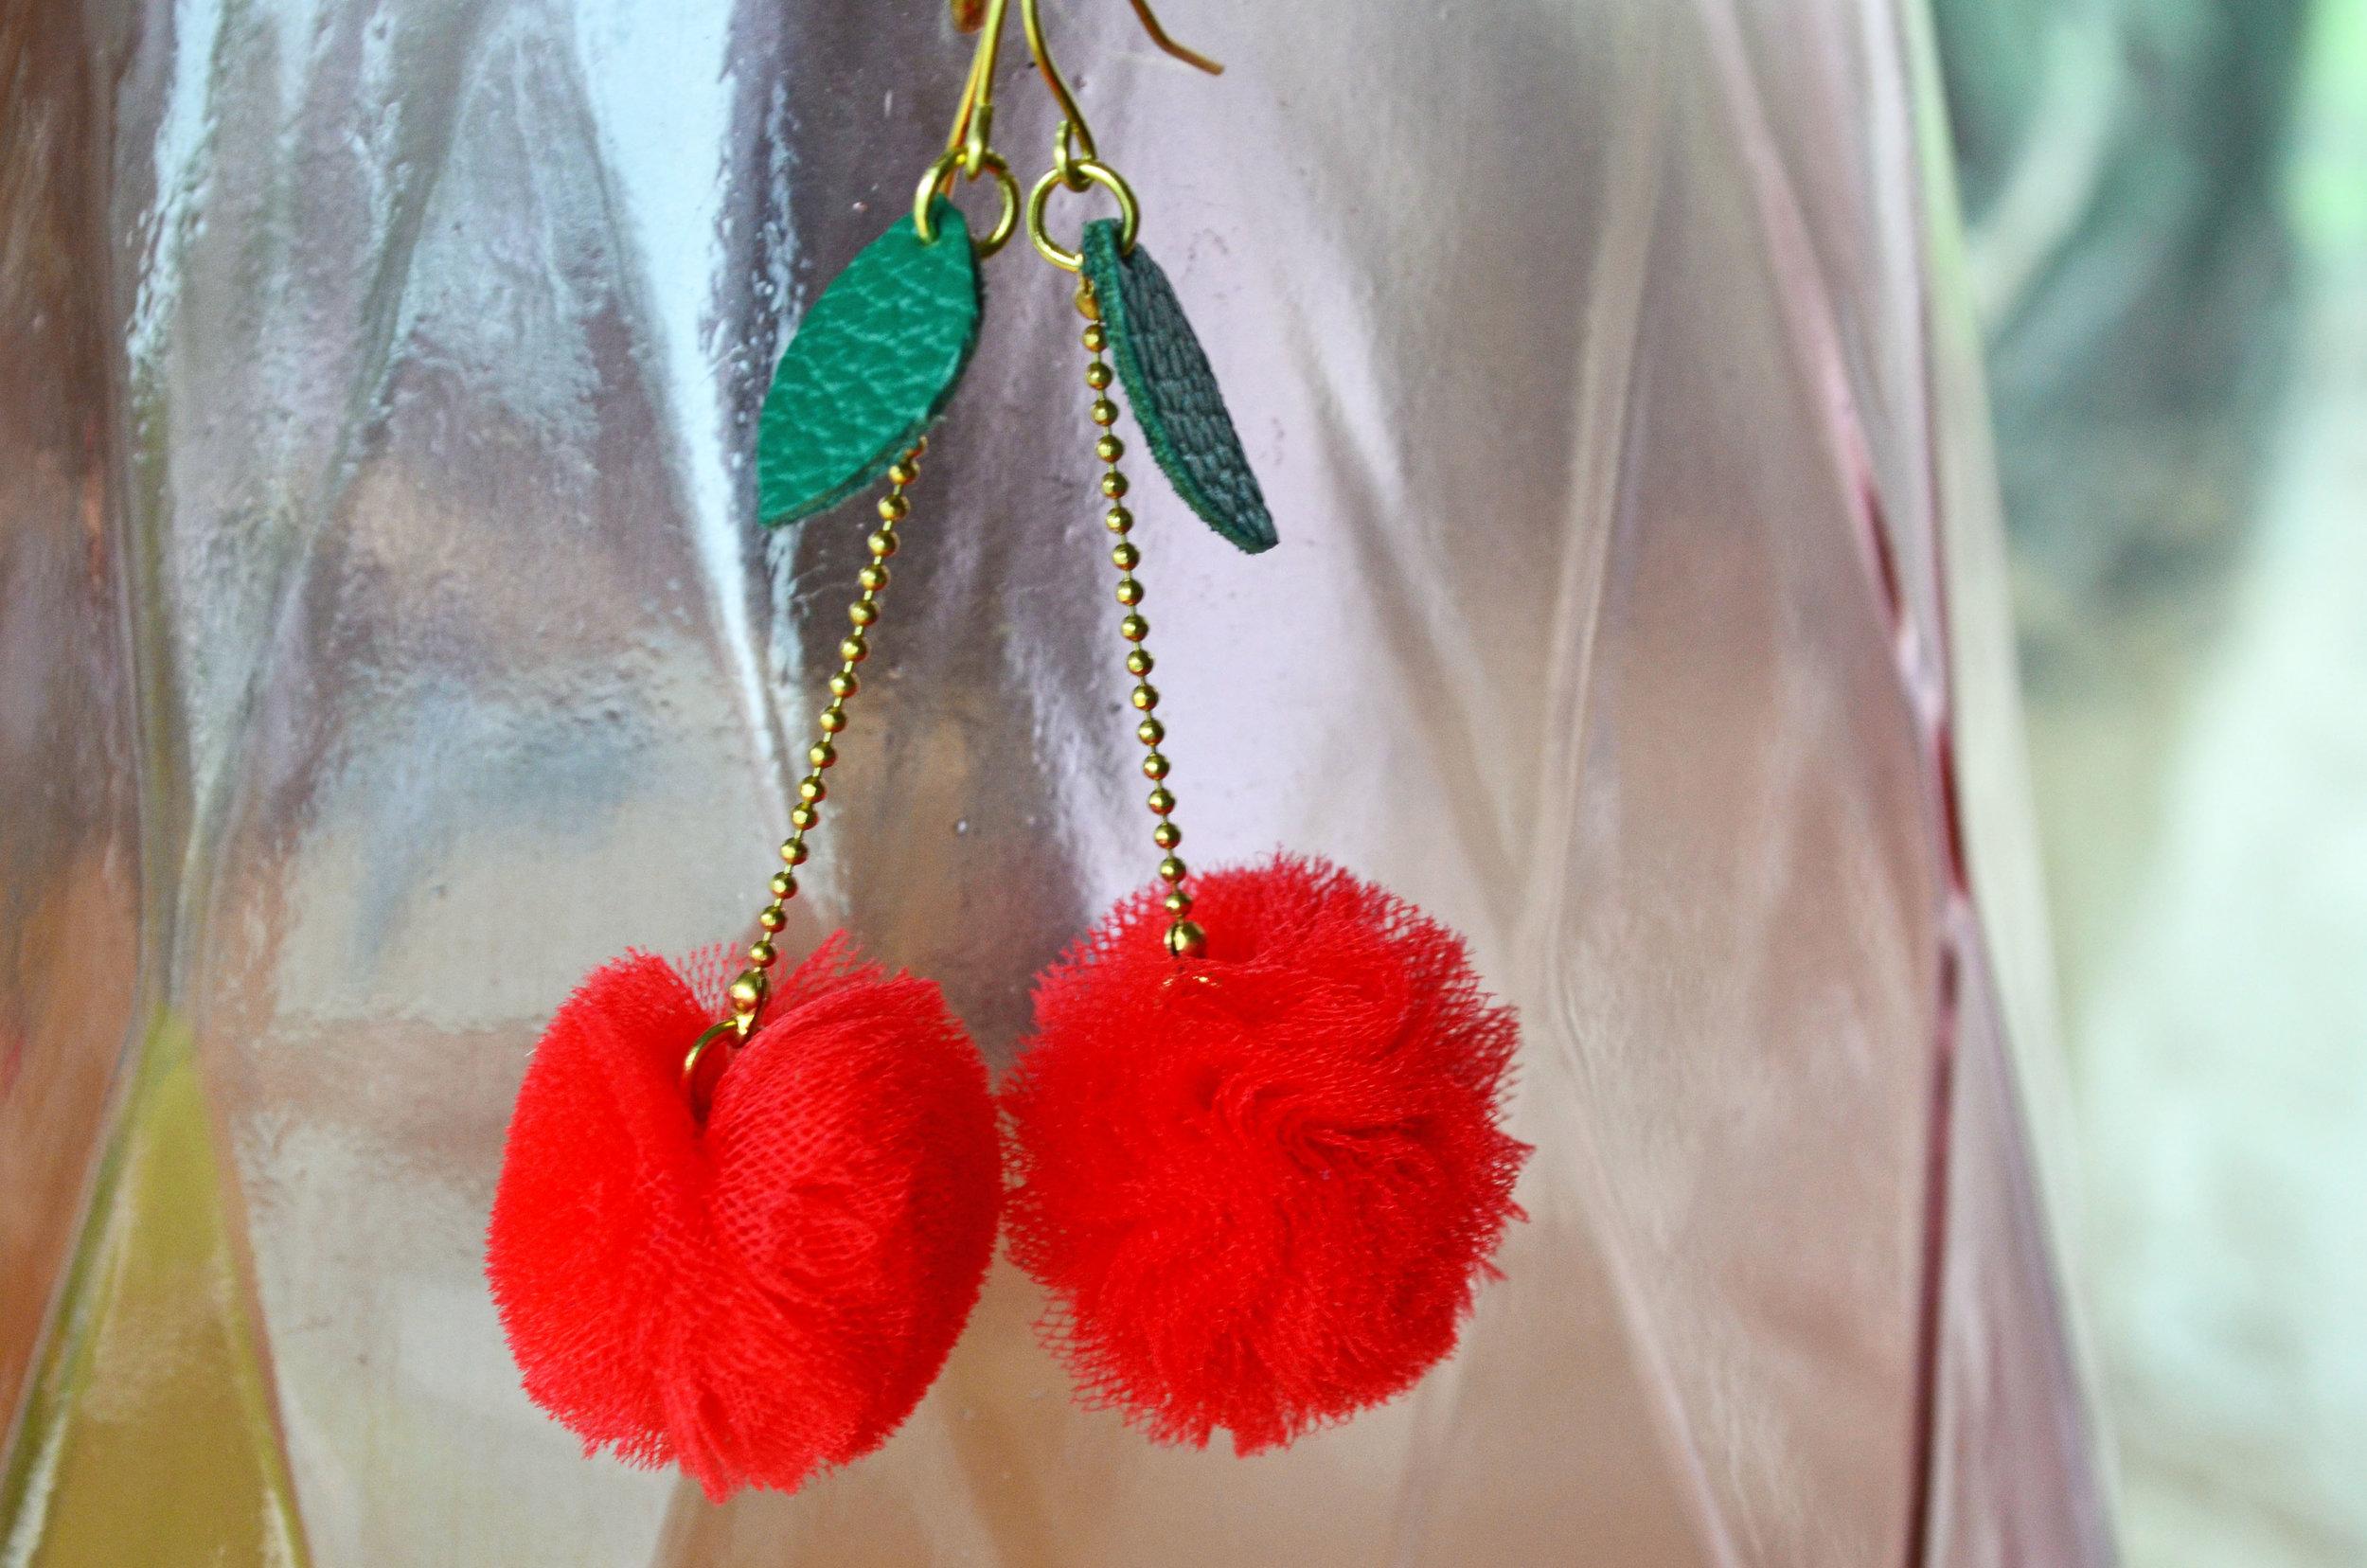 cherry-pom-pom-earrings.jpg